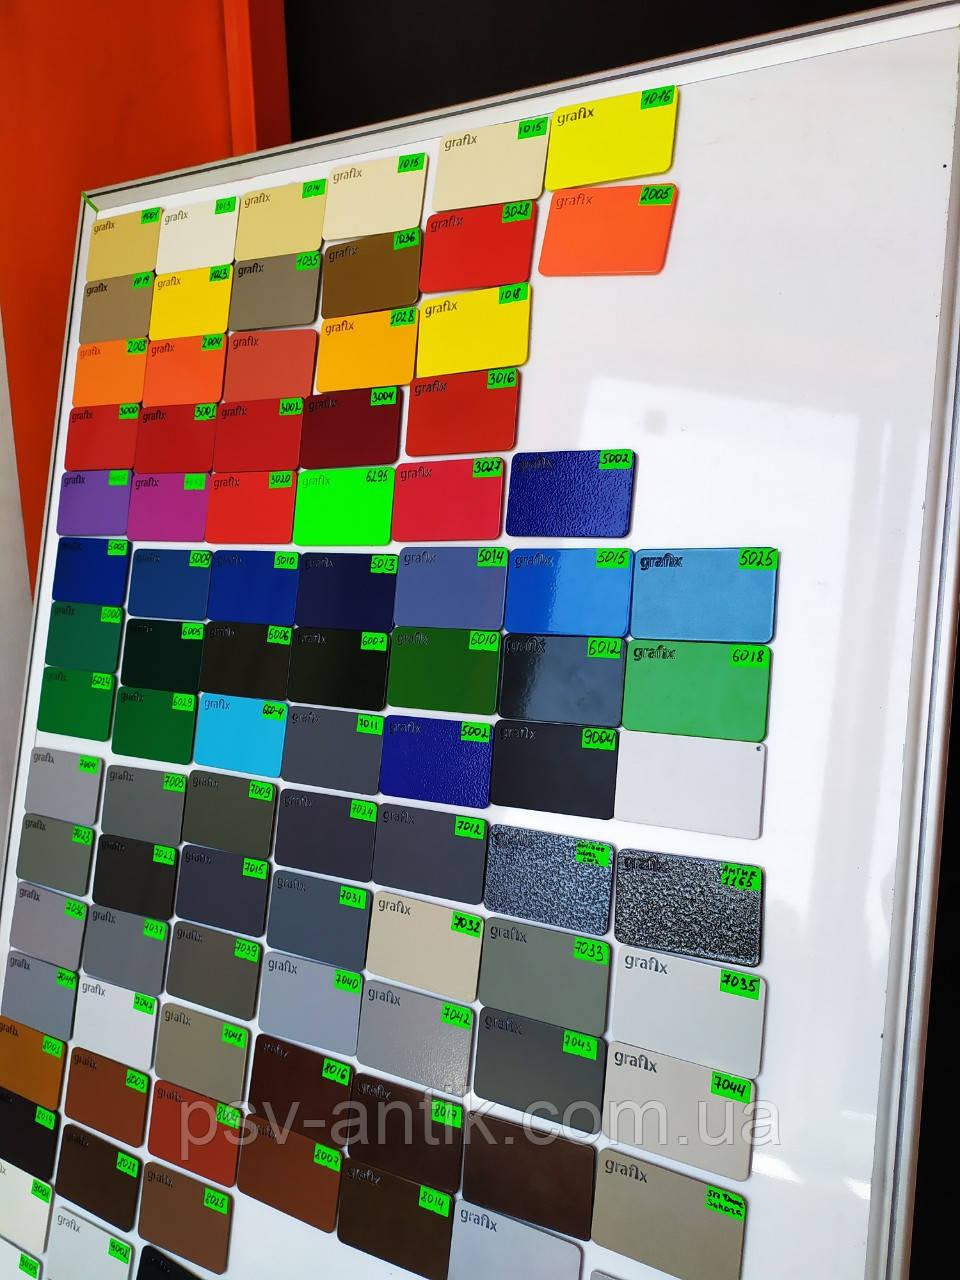 Порошковая краска матовая, полиэфирная, архитектурная, 5009